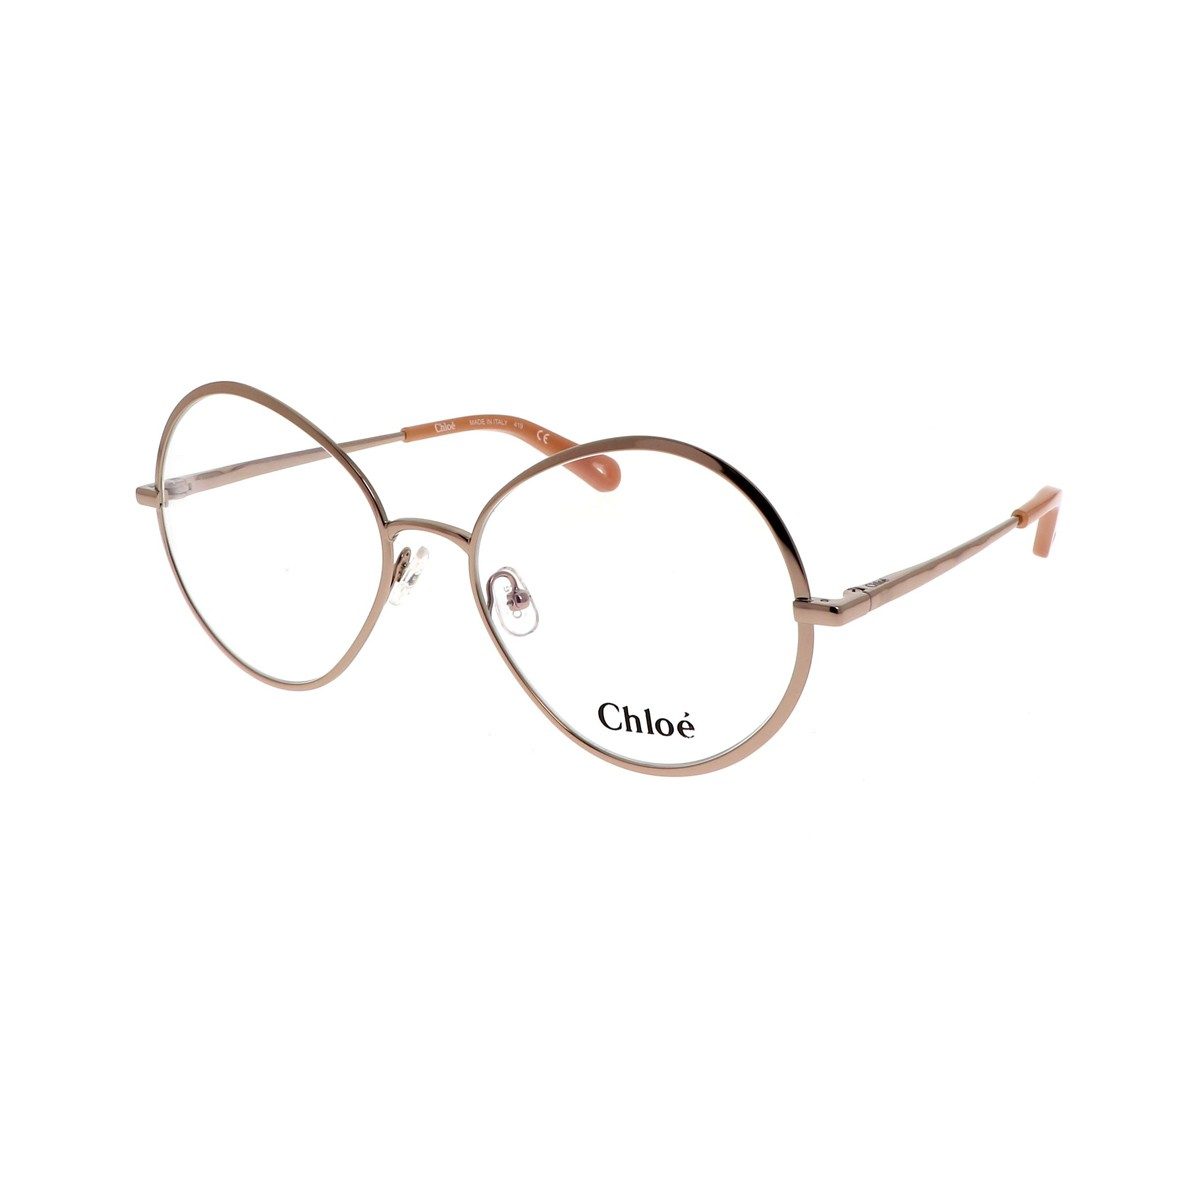 Chloé CE2161 | Occhiali da vista Donna